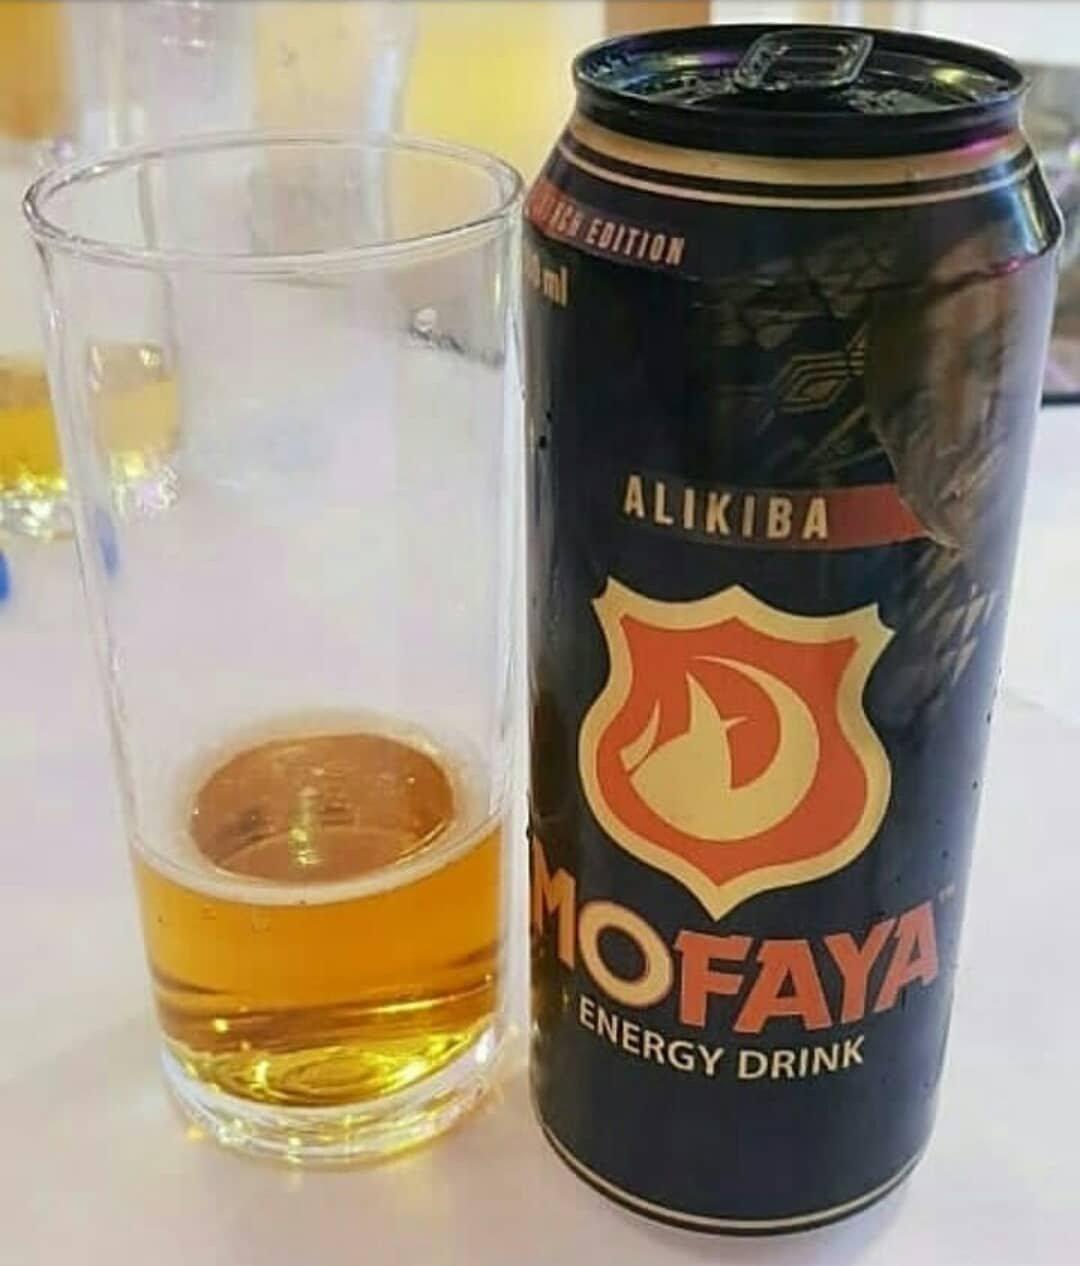 Alikiba Atoa Sababu ya Mofaya Kushindwa Kuingia Sokoni